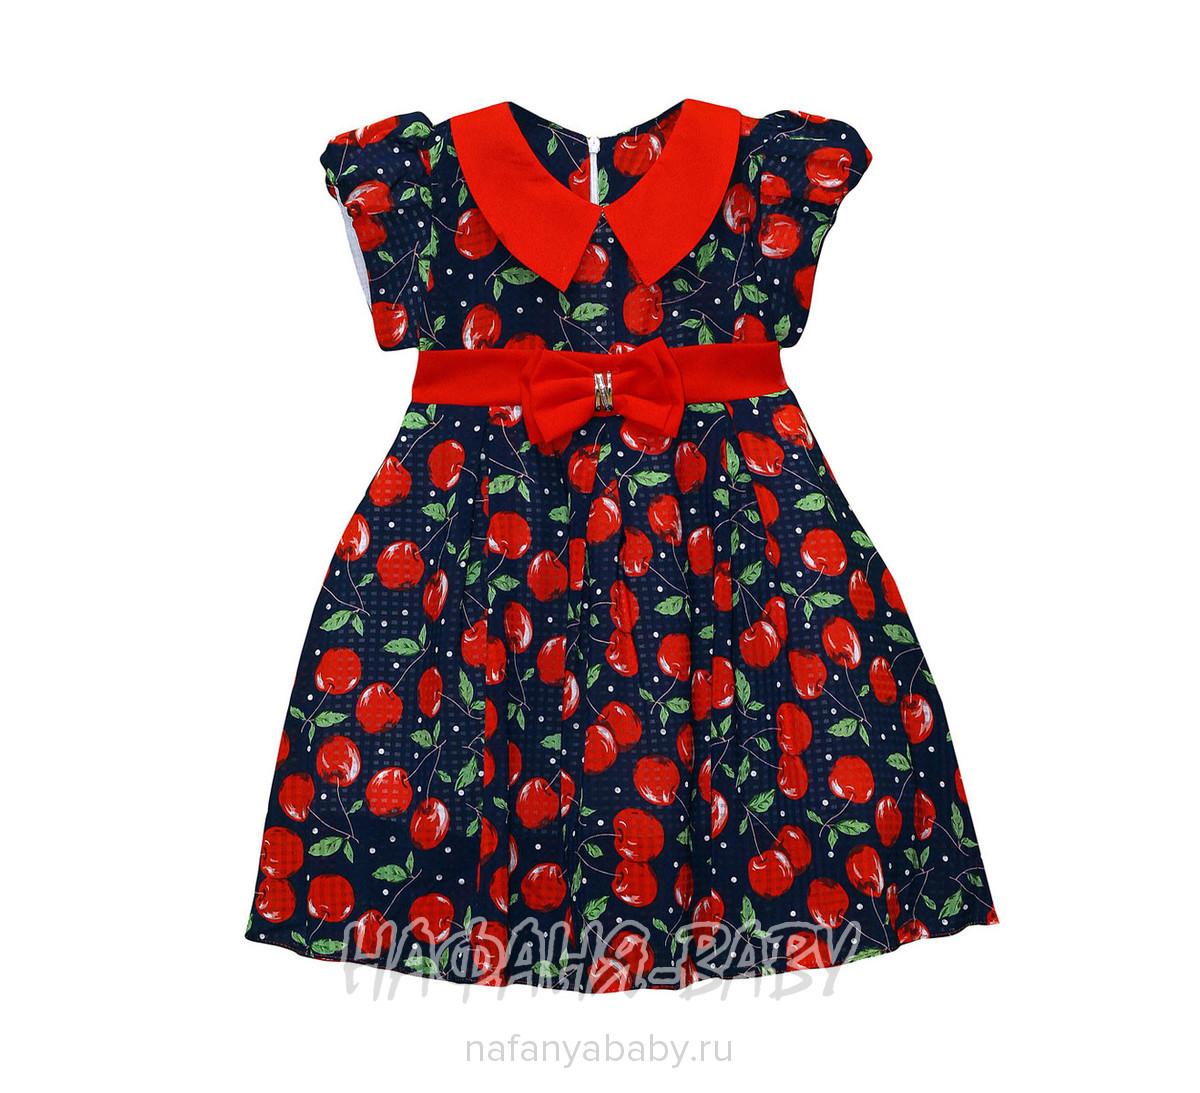 Детское платье KGMART арт: 2145, 5-9 лет, 1-4 года, цвет темно-синий с красным, оптом